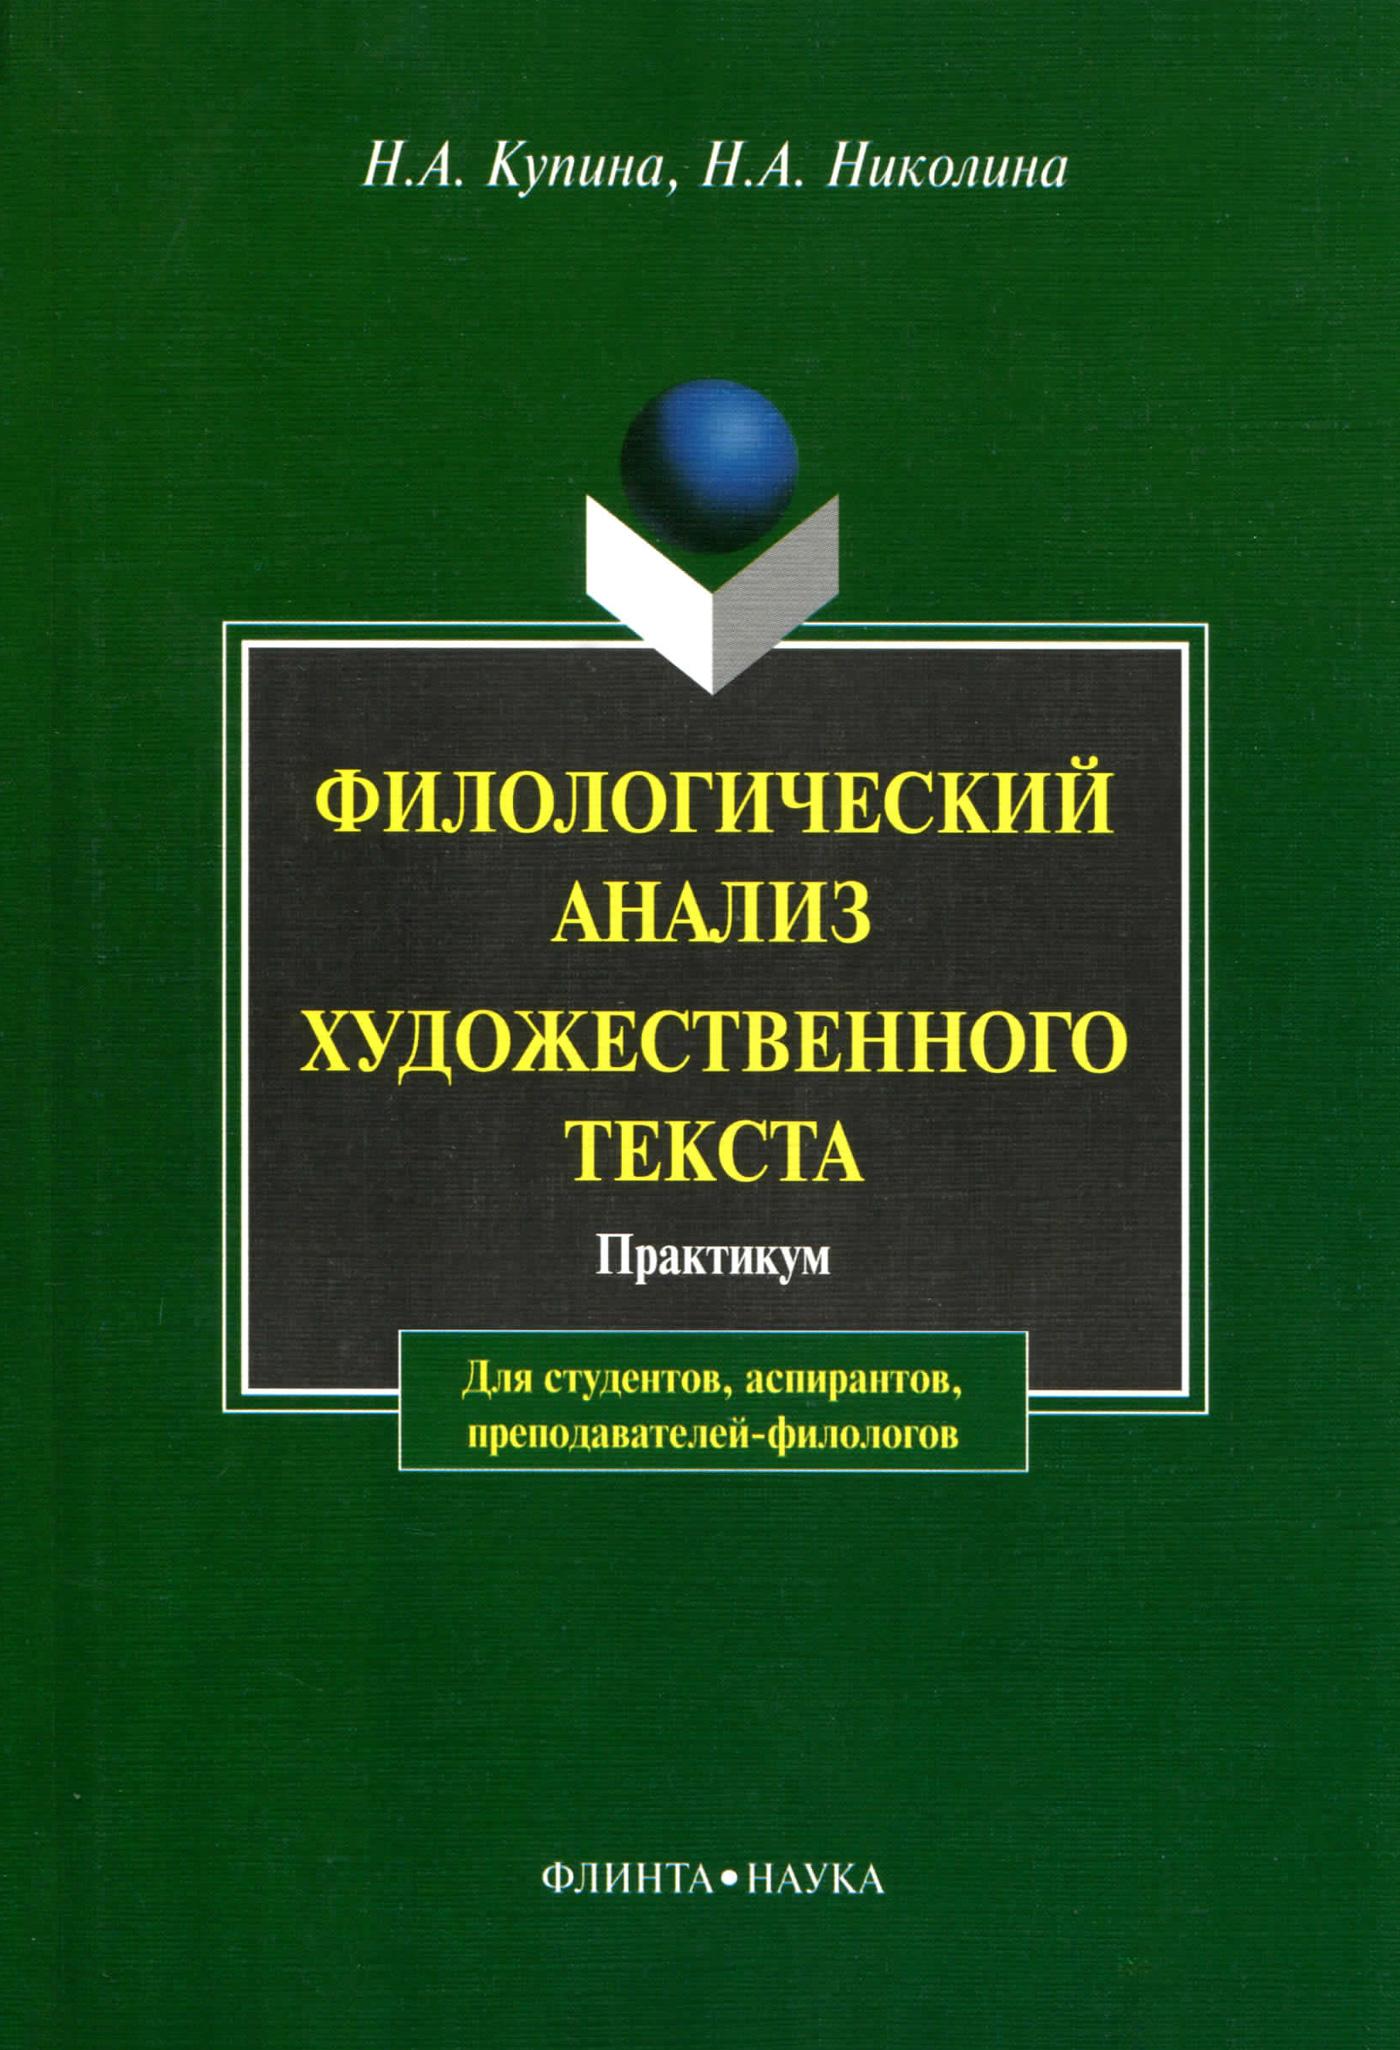 Н. А. Купина Филологический анализ художественного текста. Практикум чесова н н адапт текста экскалибур excalibur